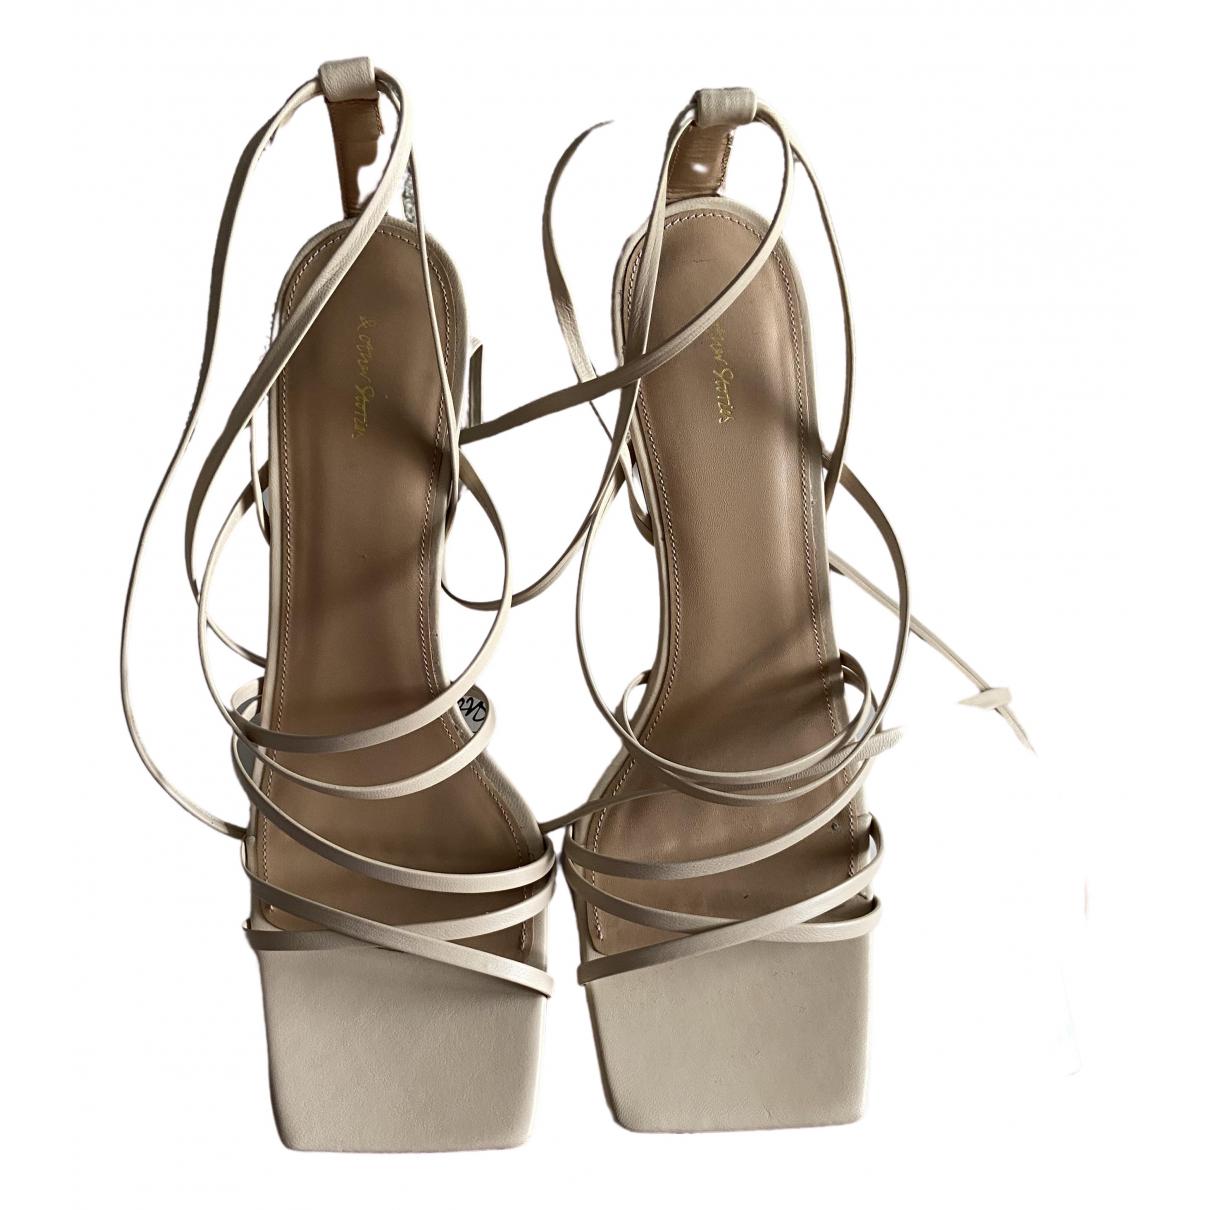 & Other Stories - Sandales   pour femme en cuir - beige